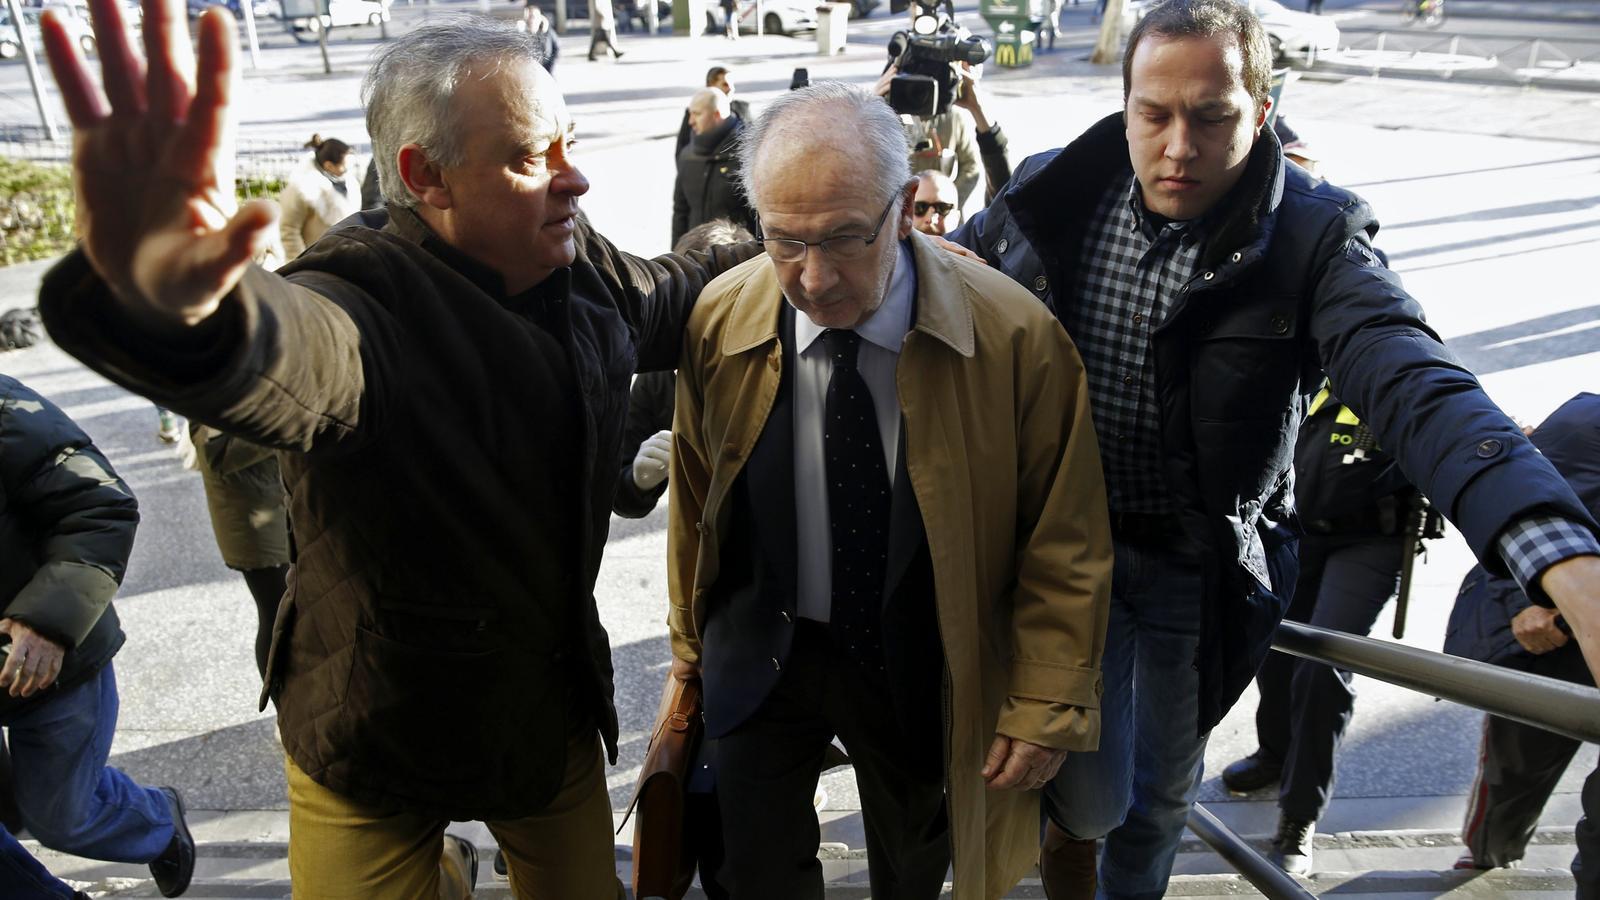 Escridassen Rodrigo Rato quan entrava a declarar als jutjats de Madrid